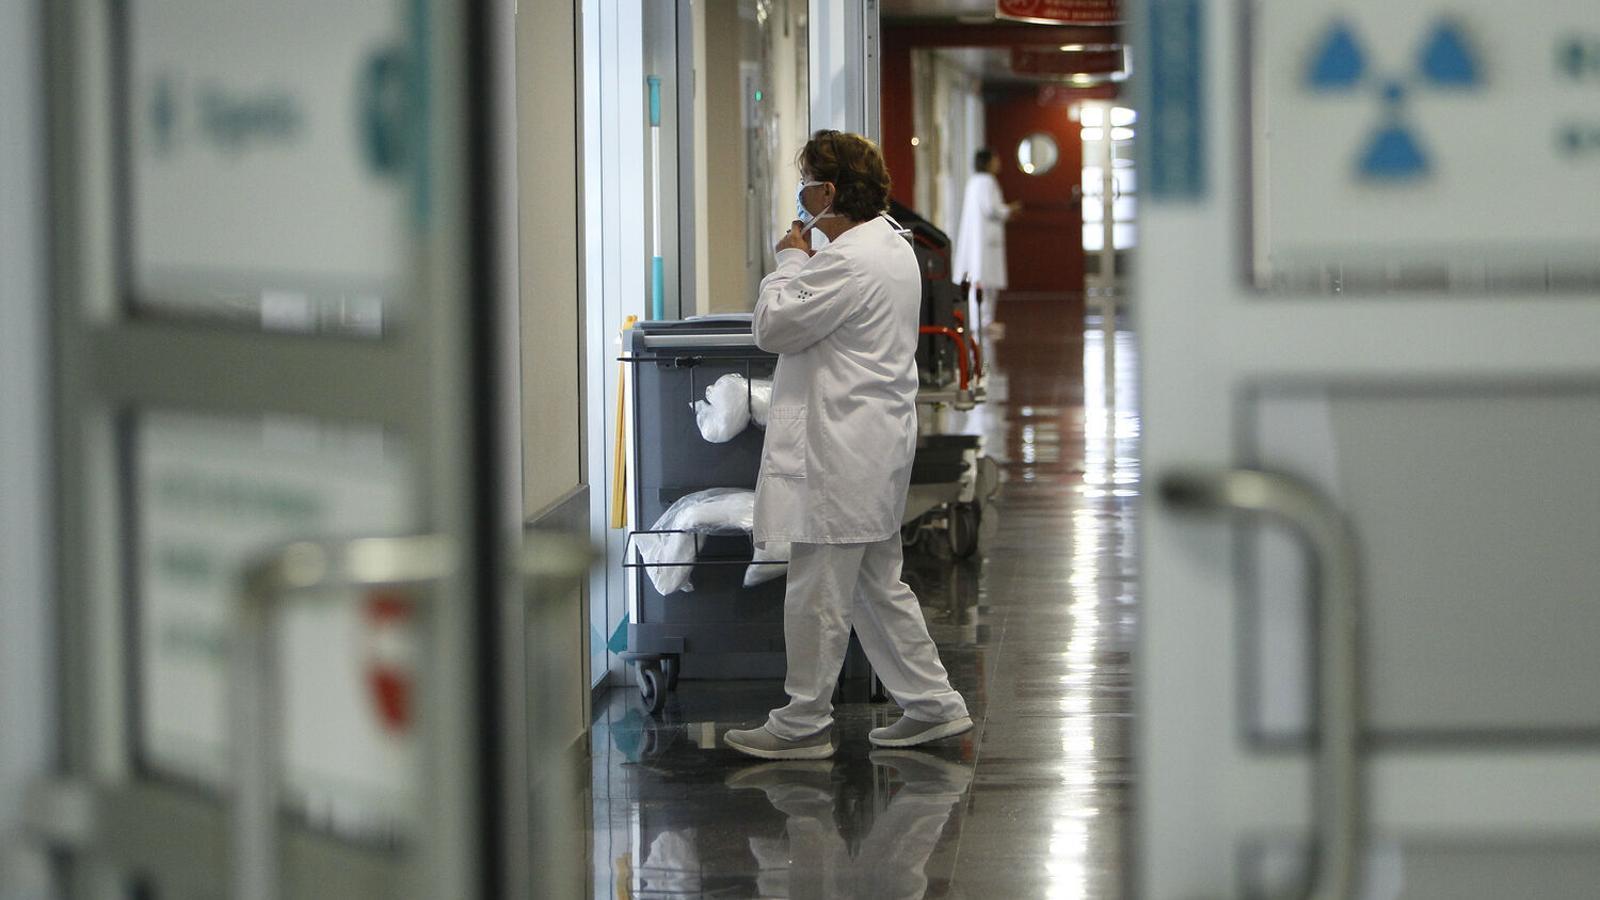 La xifra d'hospitalitzats per covid-19 a les Illes baixa dels 200 per primer cop des de final d'agost